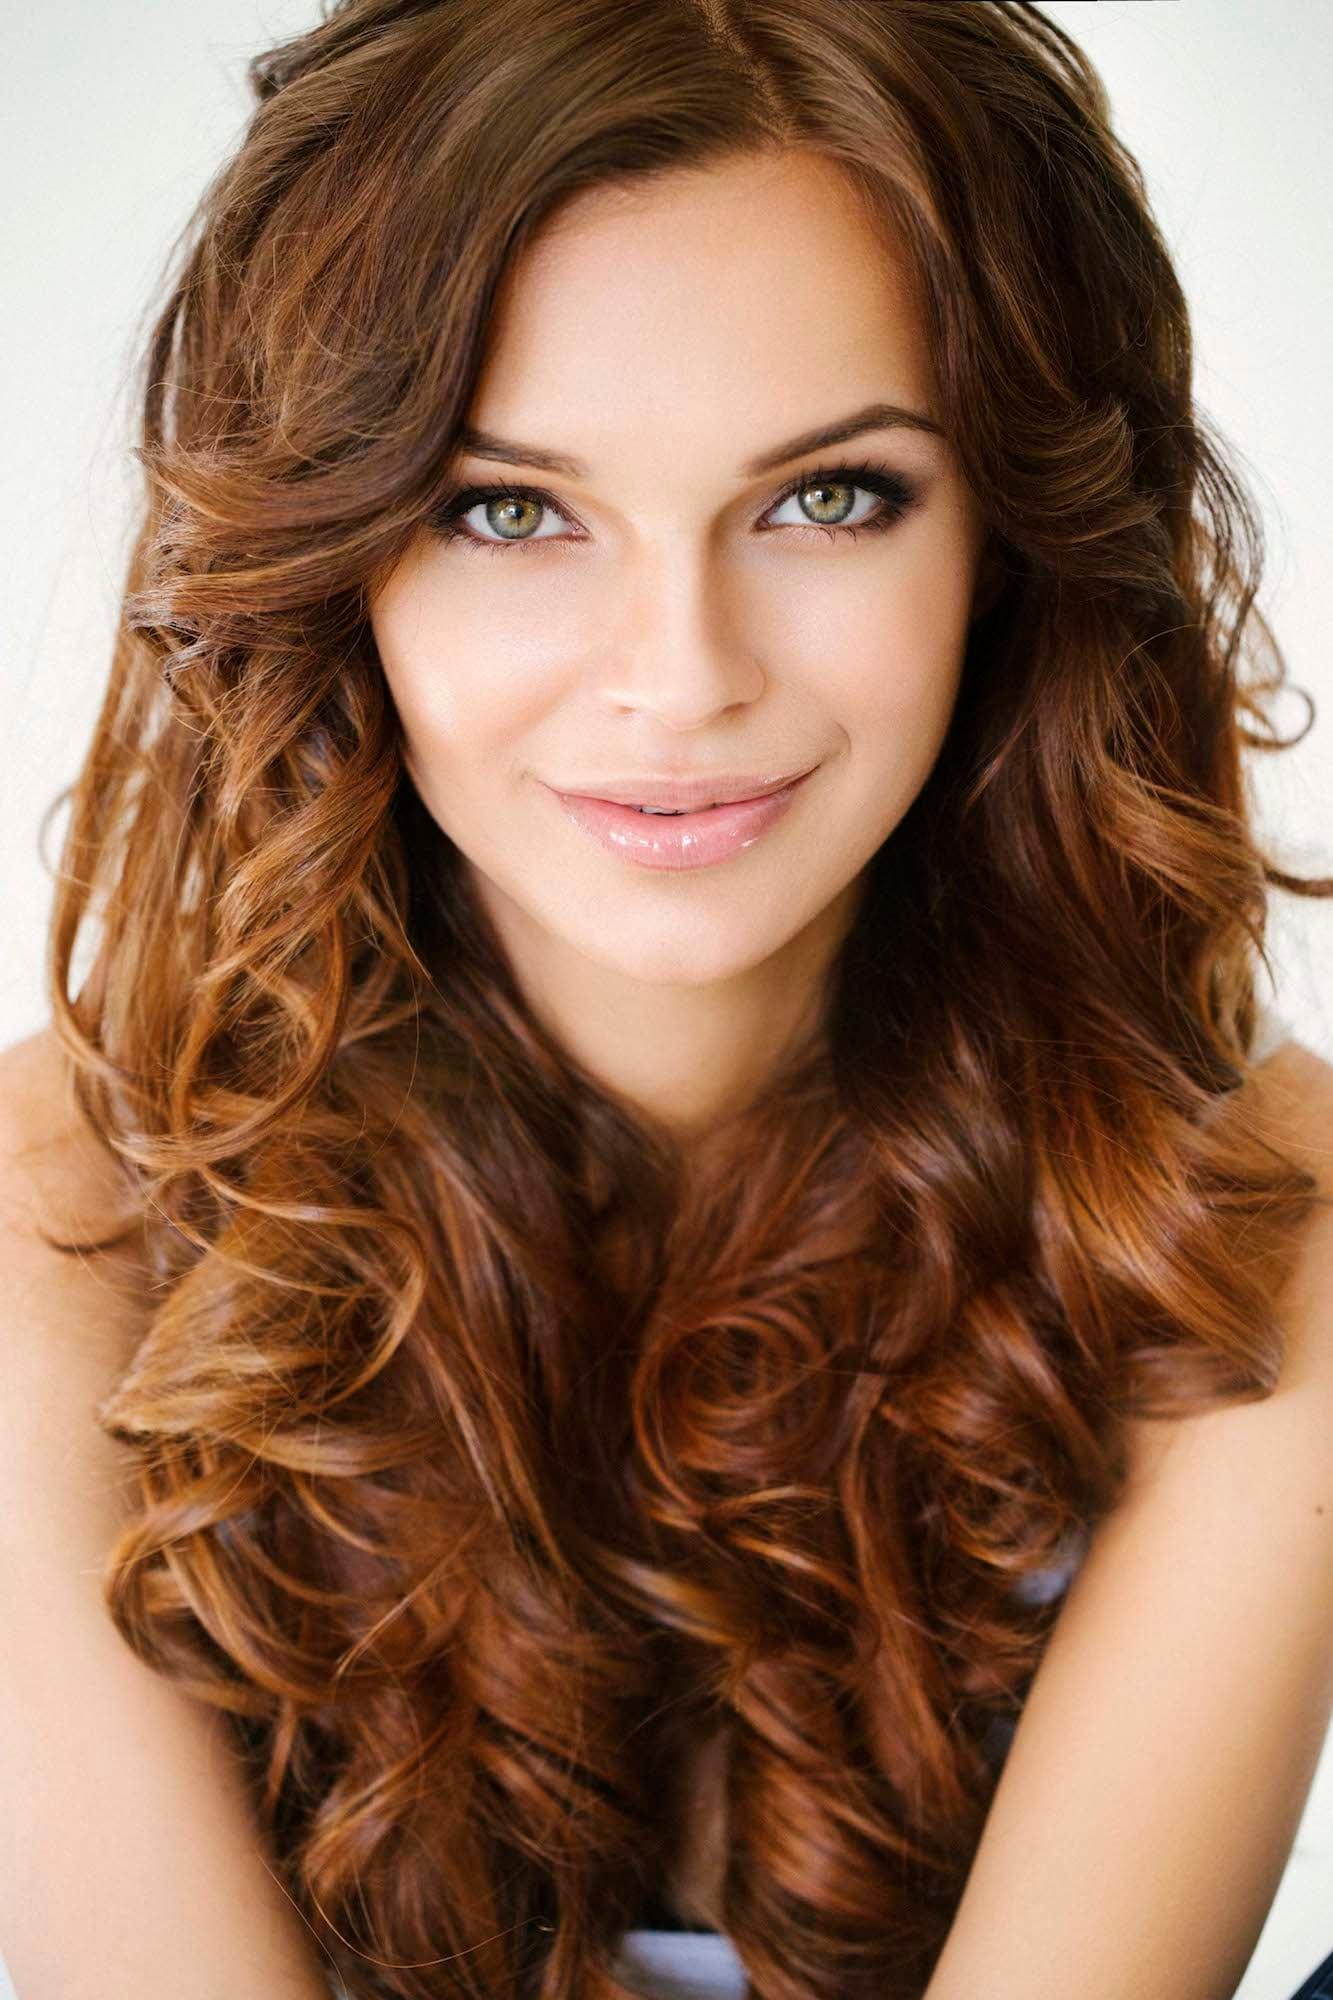 Warna rambut cokelat kemerahan dengan sedikit warna keemasan.